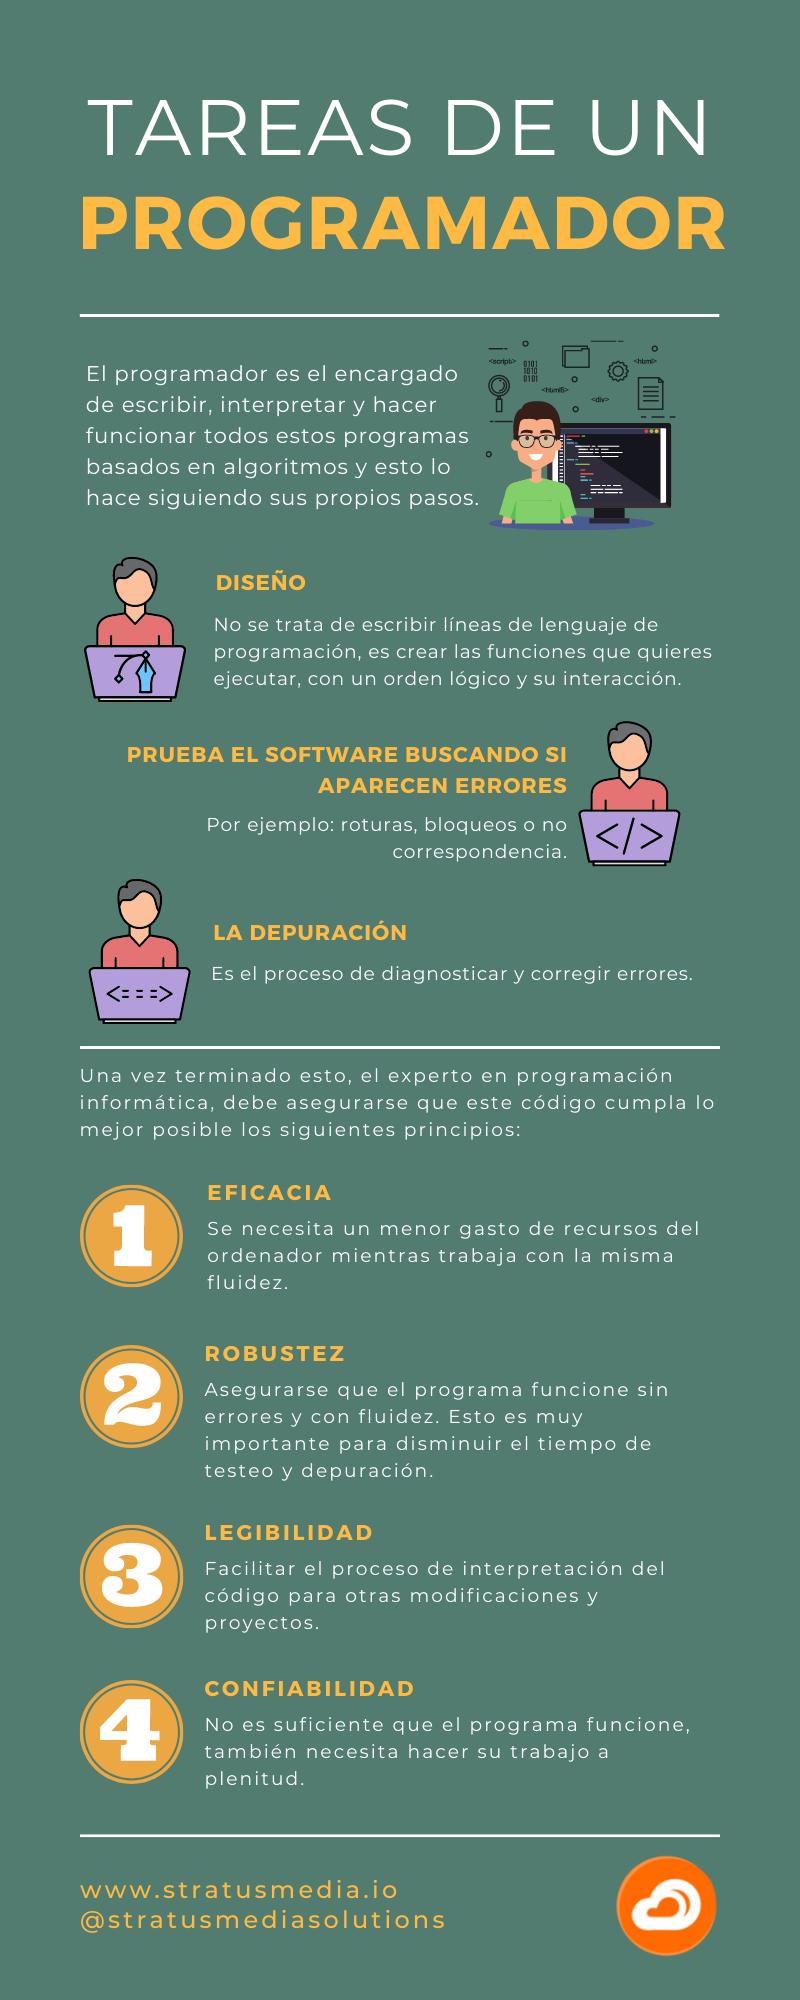 Programación informática - tareas de un programador